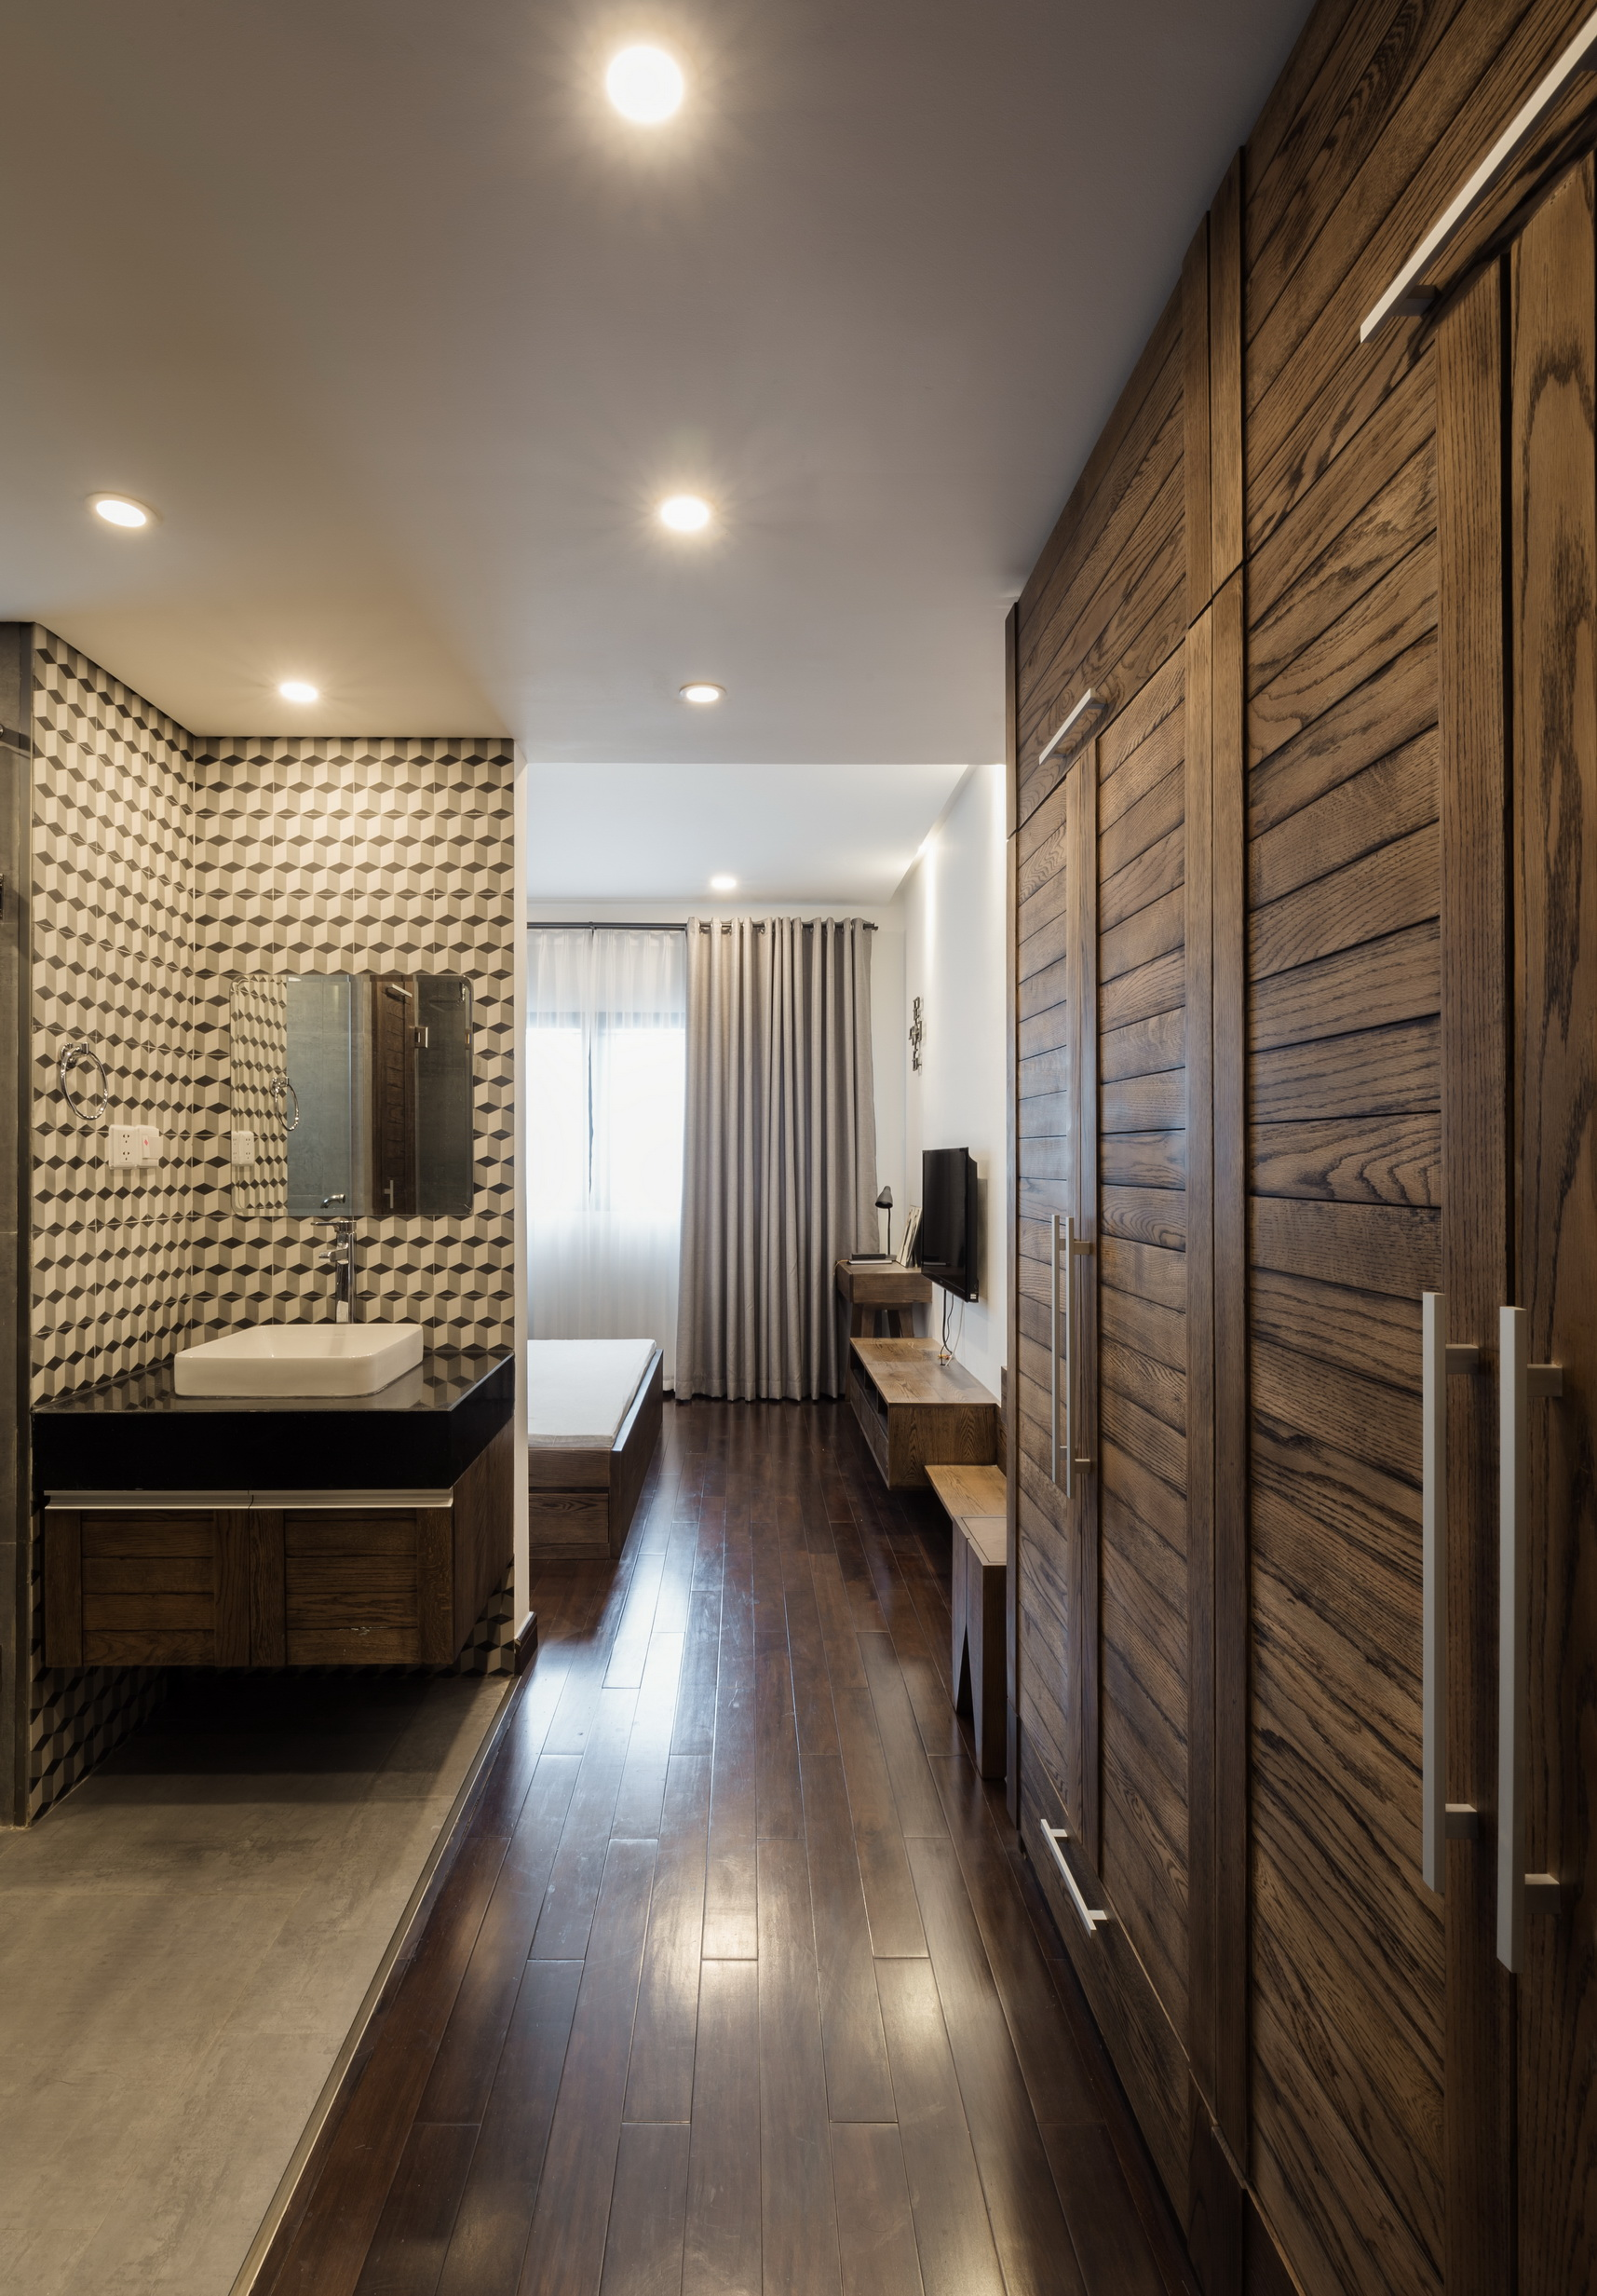 Nội thất căn hộ mang phong cách thô mộc trầm mặc cho gia chủ trung niên